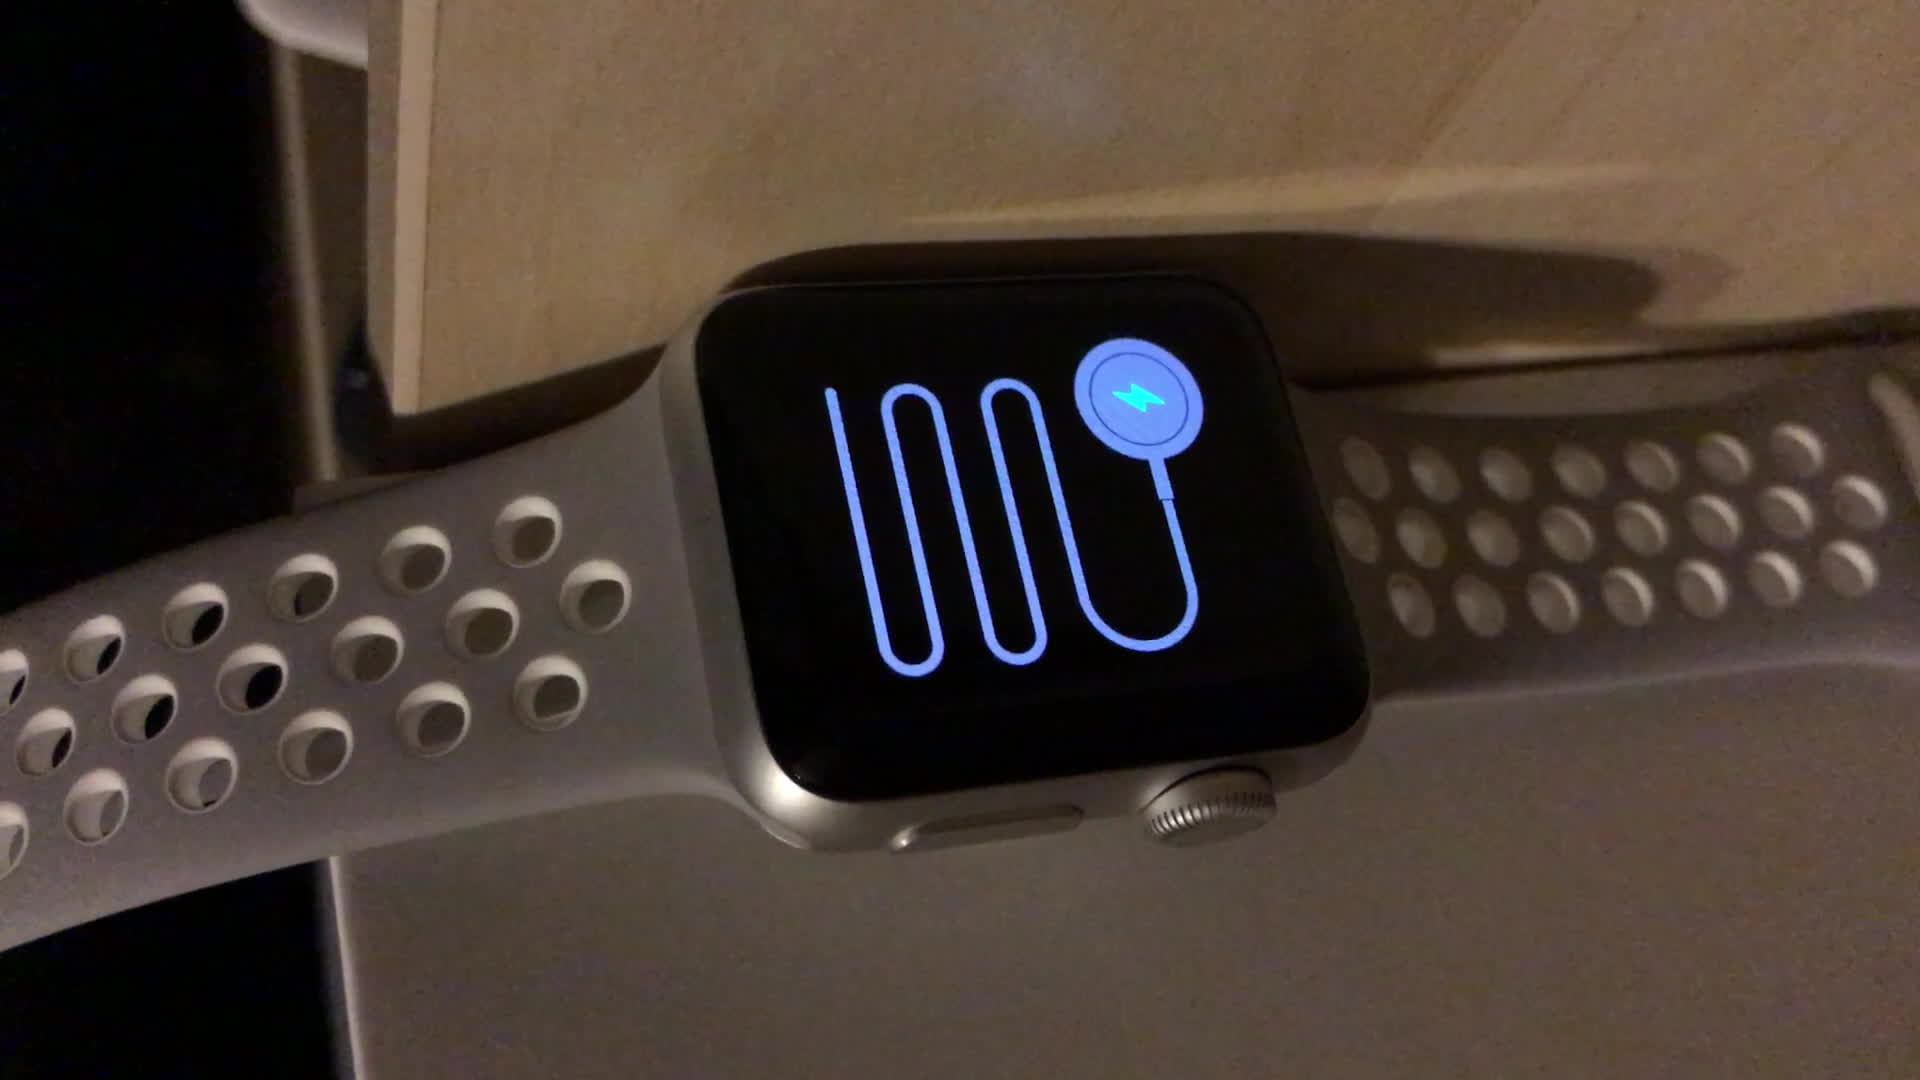 applewatch, Nike Apple Watch FUBAR? GIFs